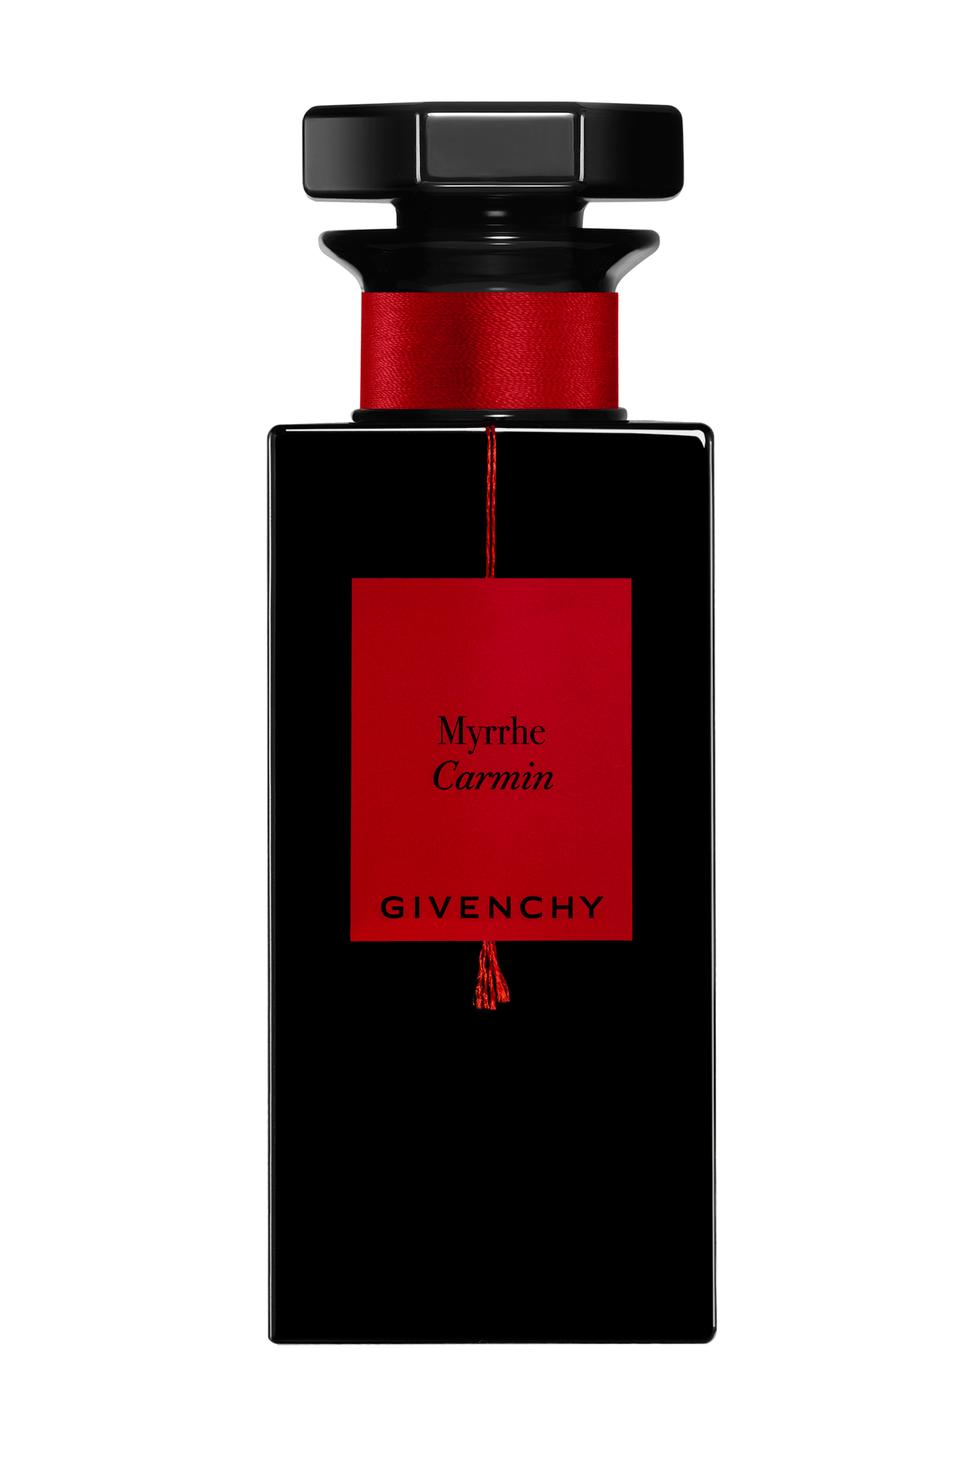 Givenchy Myrrhe Carmin